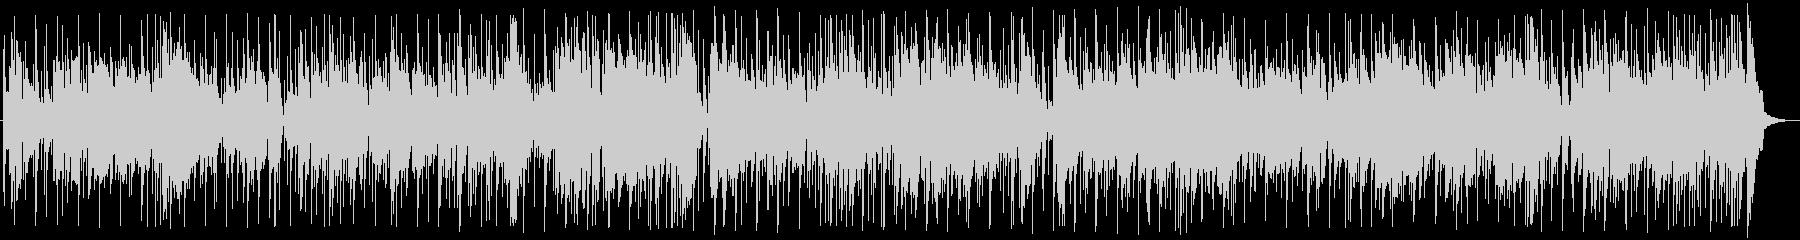 ファンキーな3コードの軽快なサウンドの未再生の波形